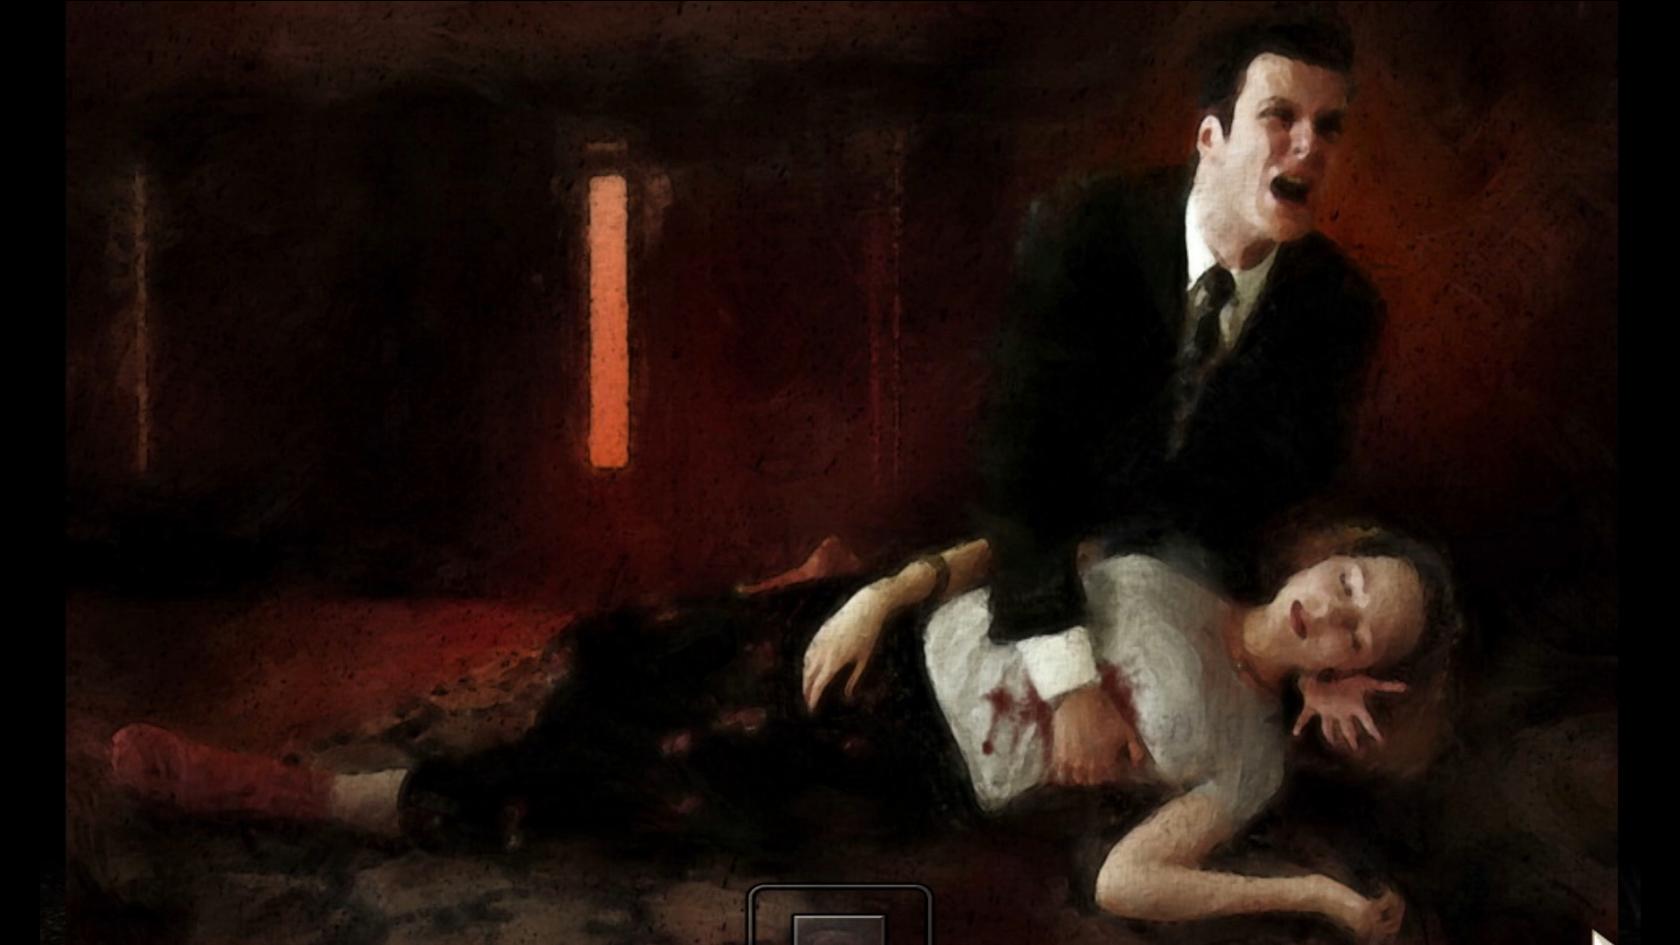 Философия мести   Ностальгический обзор игры Max Payne. - Изображение 13